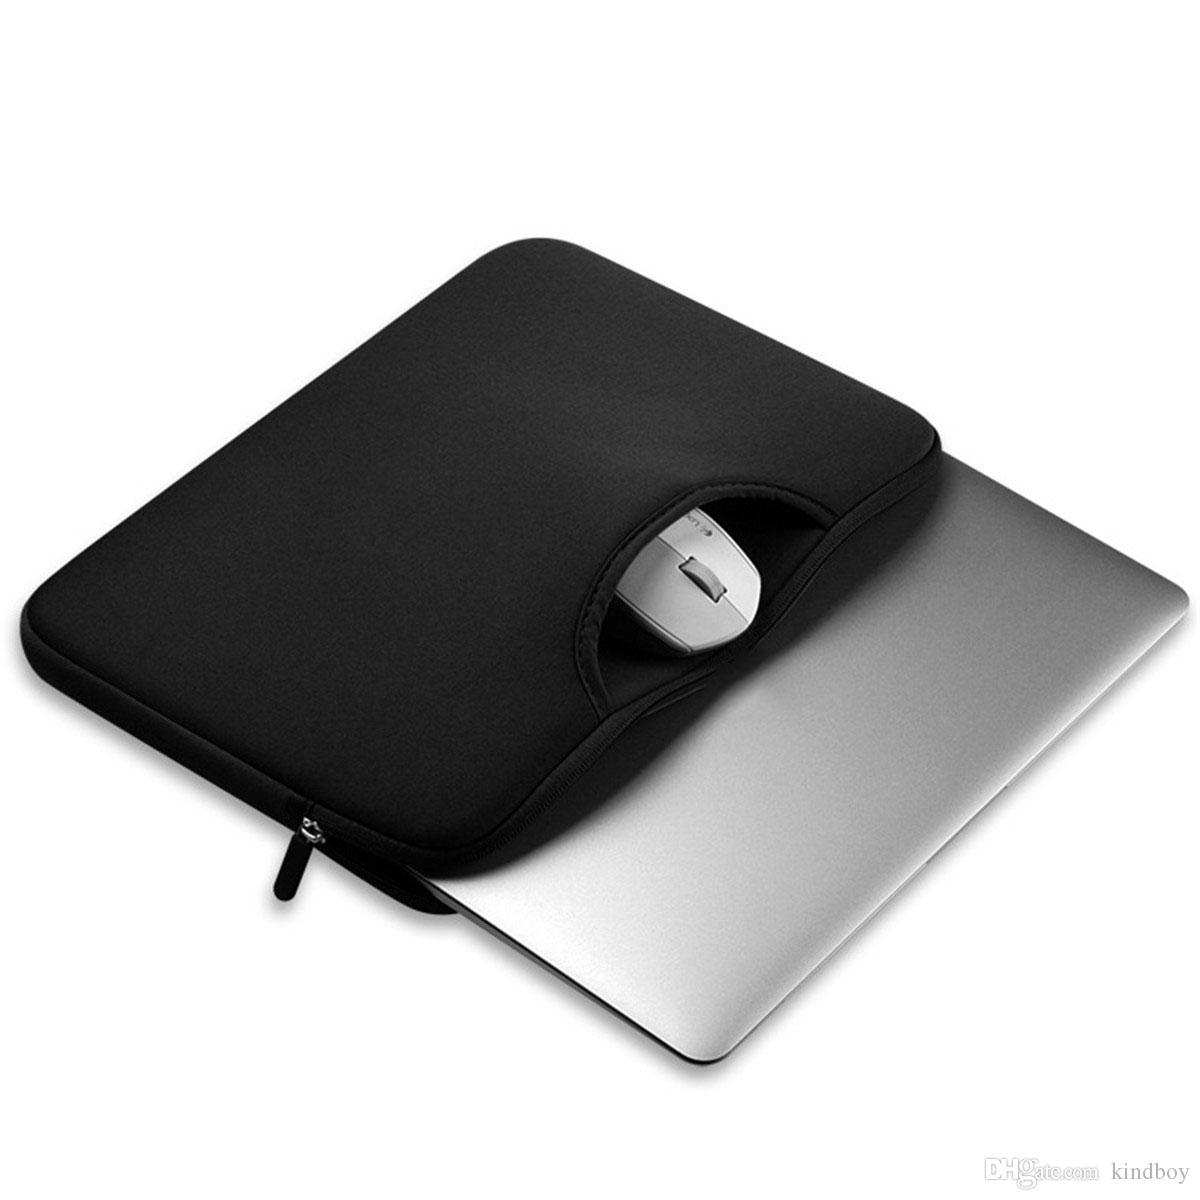 75254866d5455 Satın Al Renkli Yumuşak Laptop Kol 11 13 15 15.6 Inç Laptop Çantası Kılıf  Macbook Air 13 Pro Retina 15 Dizüstü Çanta 12 14 DHL, $5.88   DHgate.Com'da